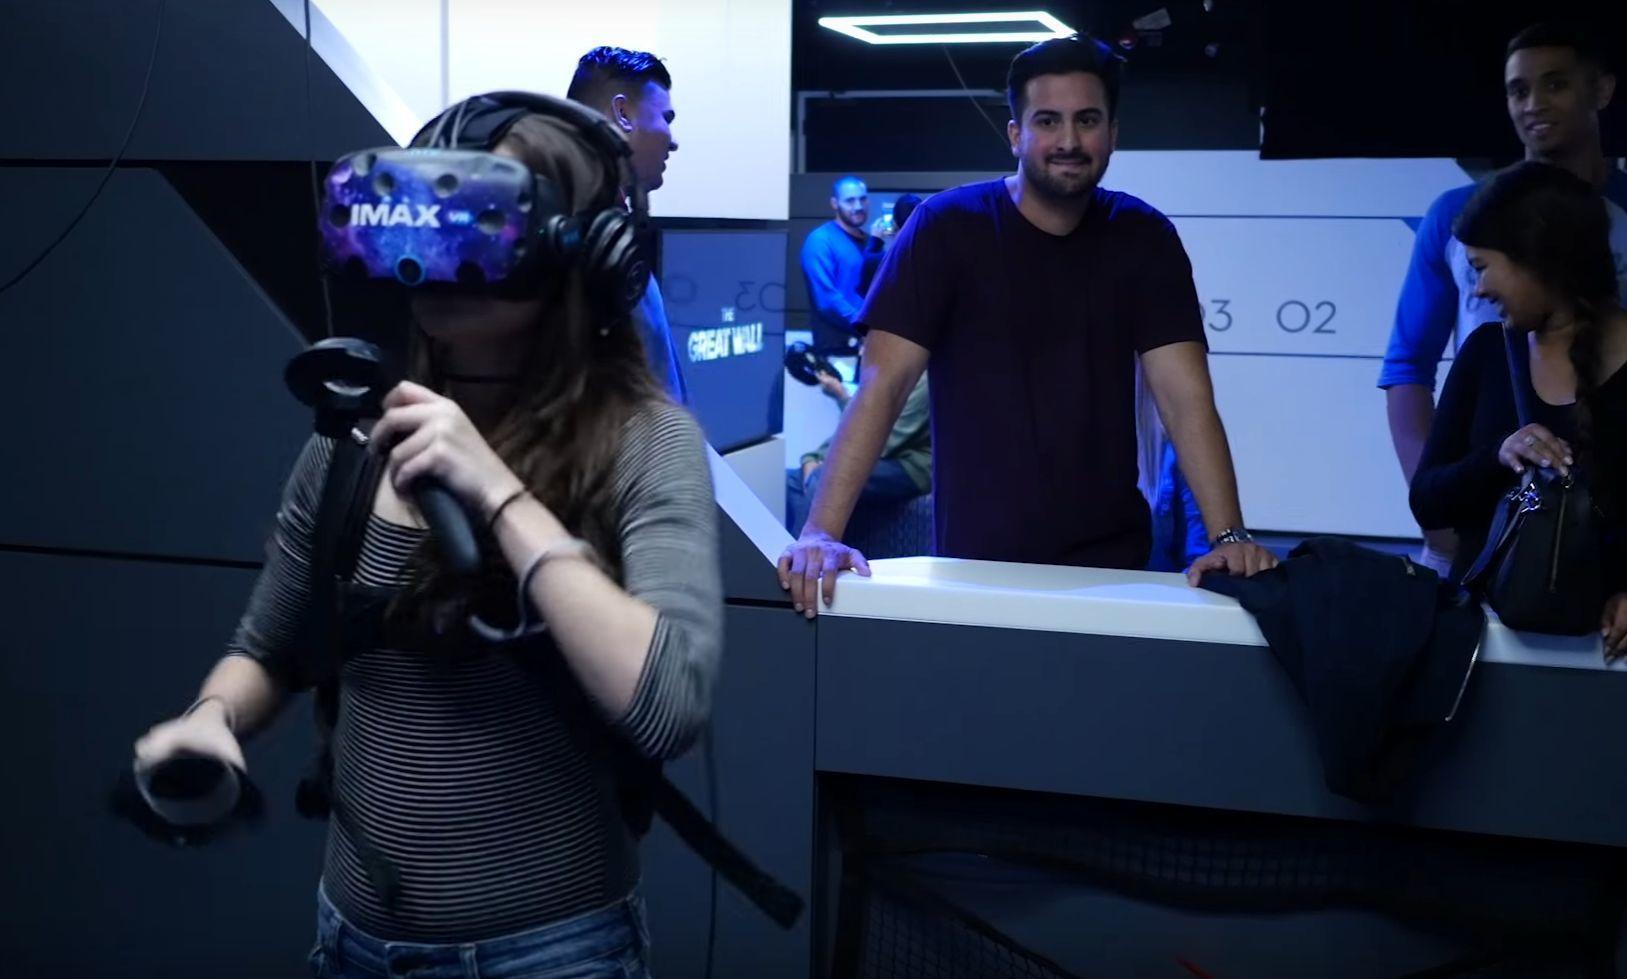 Man må tåle at folk står og glor mens kan kaster seg rundt i VR-verdenen.